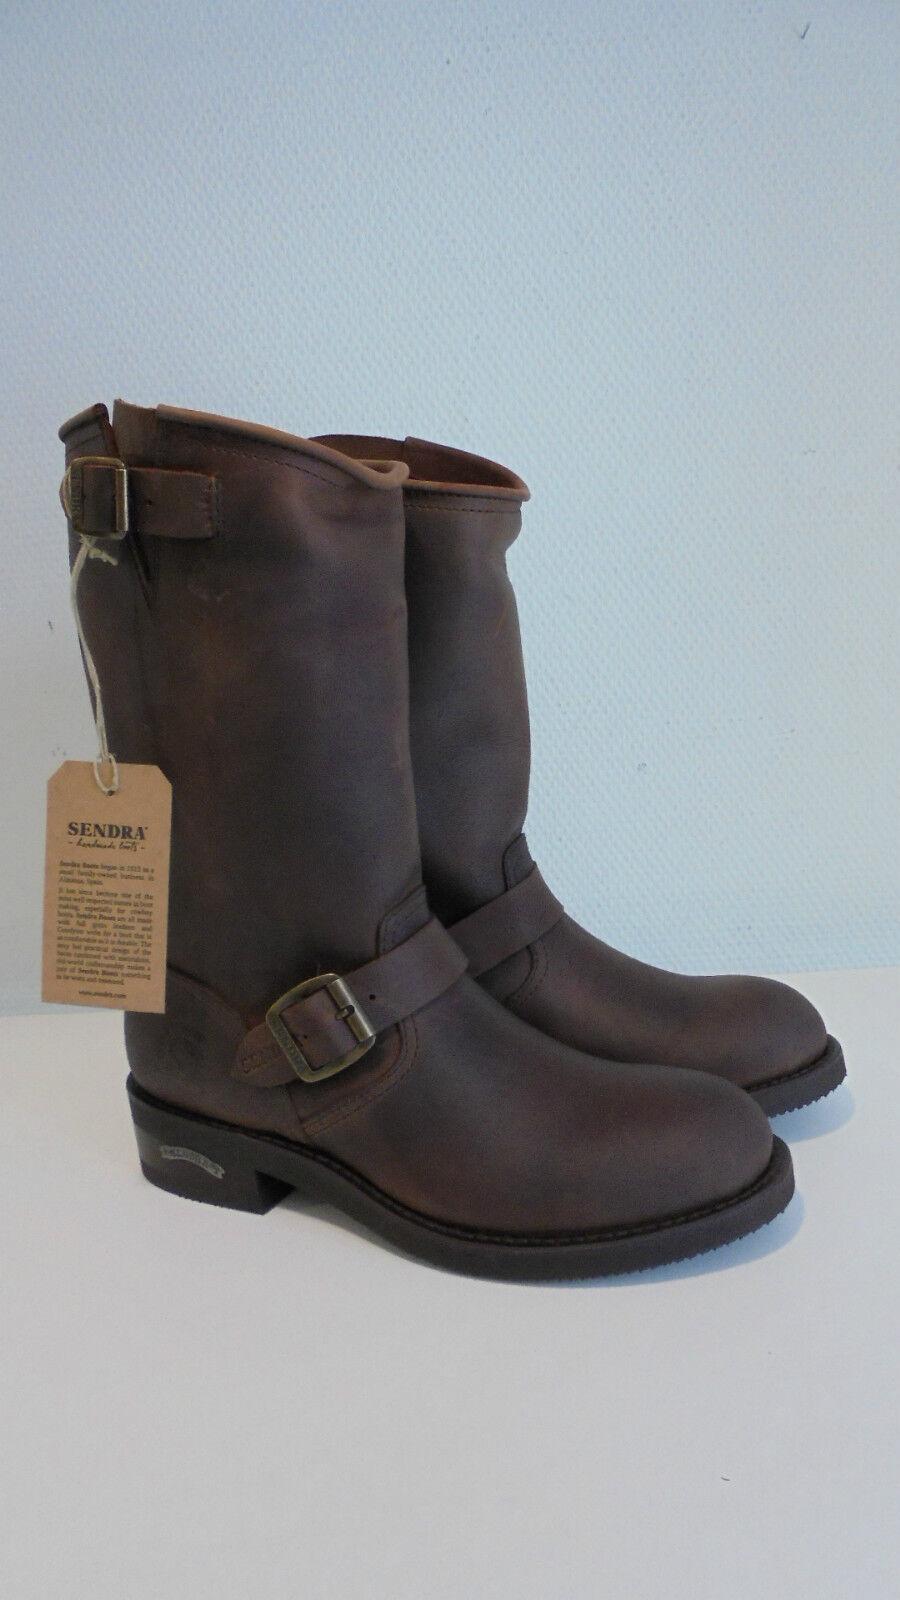 Sendra Boots Stiefel braun brown Modell 2944 Sprinter 7004 Herren Fettleder